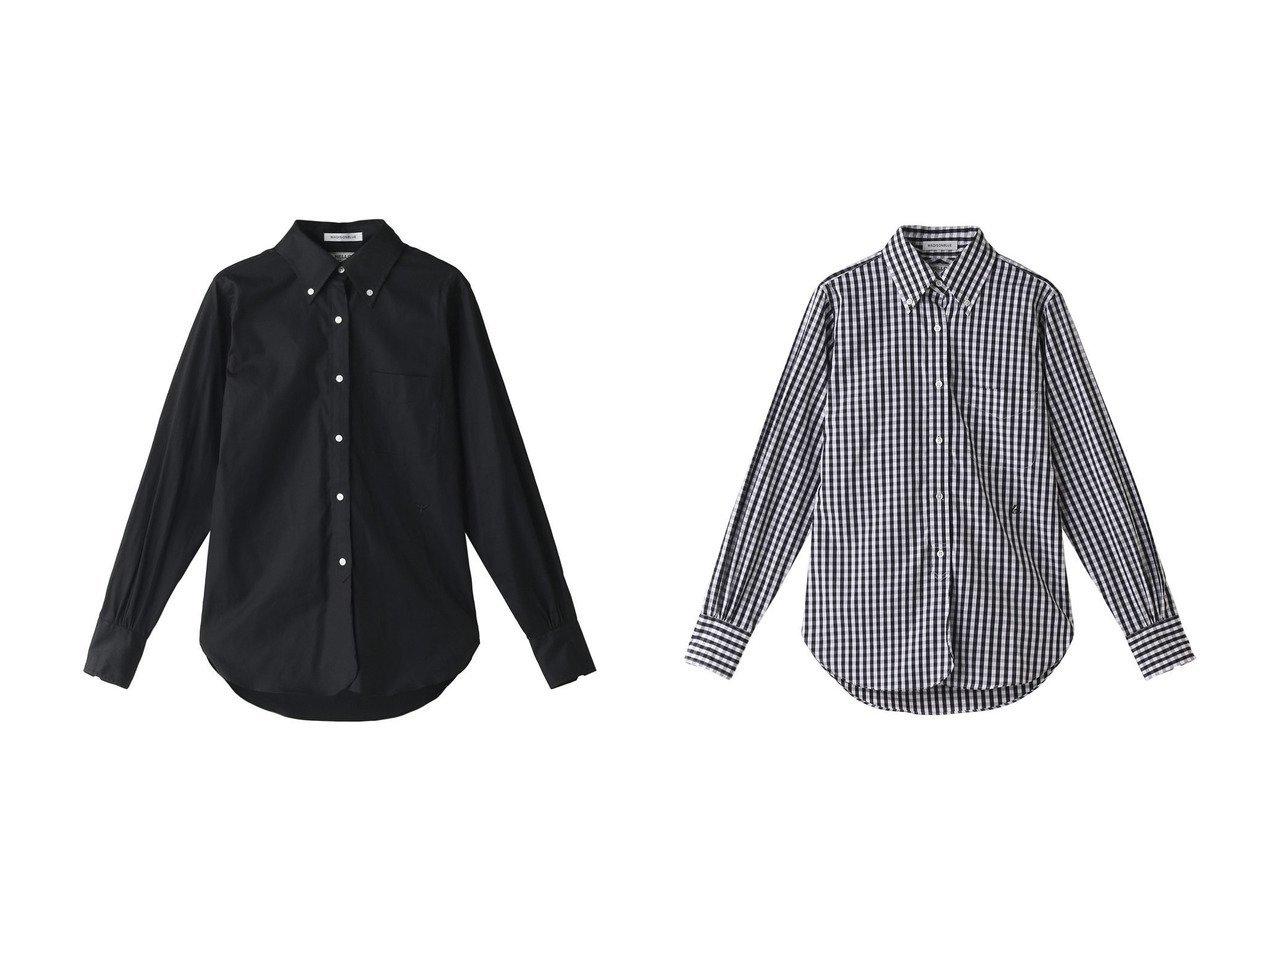 【MADISONBLUE/マディソンブルー】のMADISON コットンオックスシャツ&MADISON ギンガムチェックシャツ MADISONBLUEのおすすめ!人気、トレンド・レディースファッションの通販 おすすめで人気の流行・トレンド、ファッションの通販商品 メンズファッション・キッズファッション・インテリア・家具・レディースファッション・服の通販 founy(ファニー) https://founy.com/ ファッション Fashion レディースファッション WOMEN トップス Tops Tshirt シャツ/ブラウス Shirts Blouses 2021年 2021 2021 春夏 S/S SS Spring/Summer 2021 S/S 春夏 SS Spring/Summer サテン スリーブ フィット ロング 春 Spring |ID:crp329100000016896